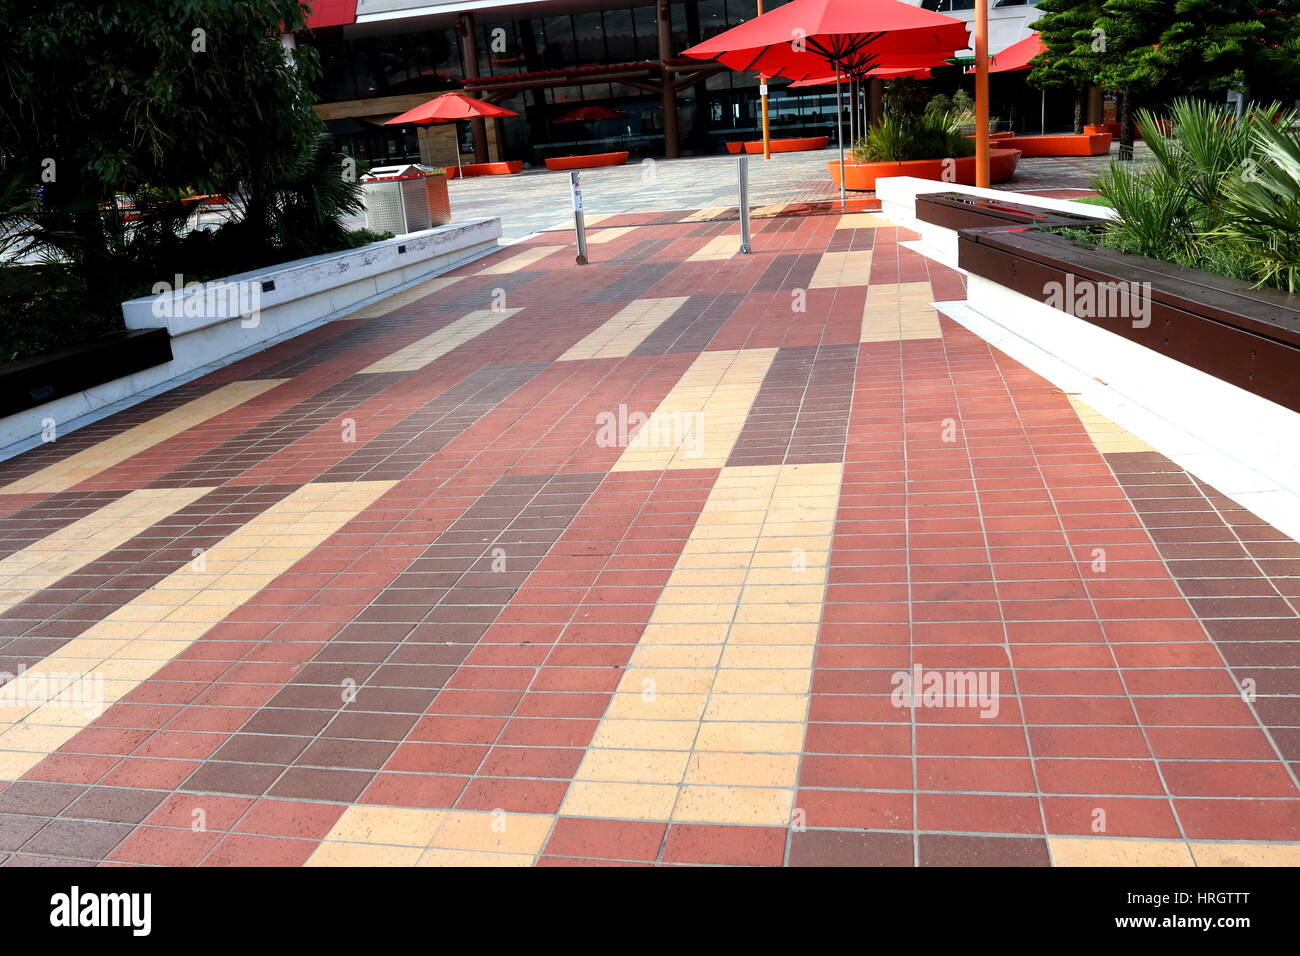 Outdoor Bodenbelag outdoor bodenbelag | finden sie hohe qualität balkon bodenbelag